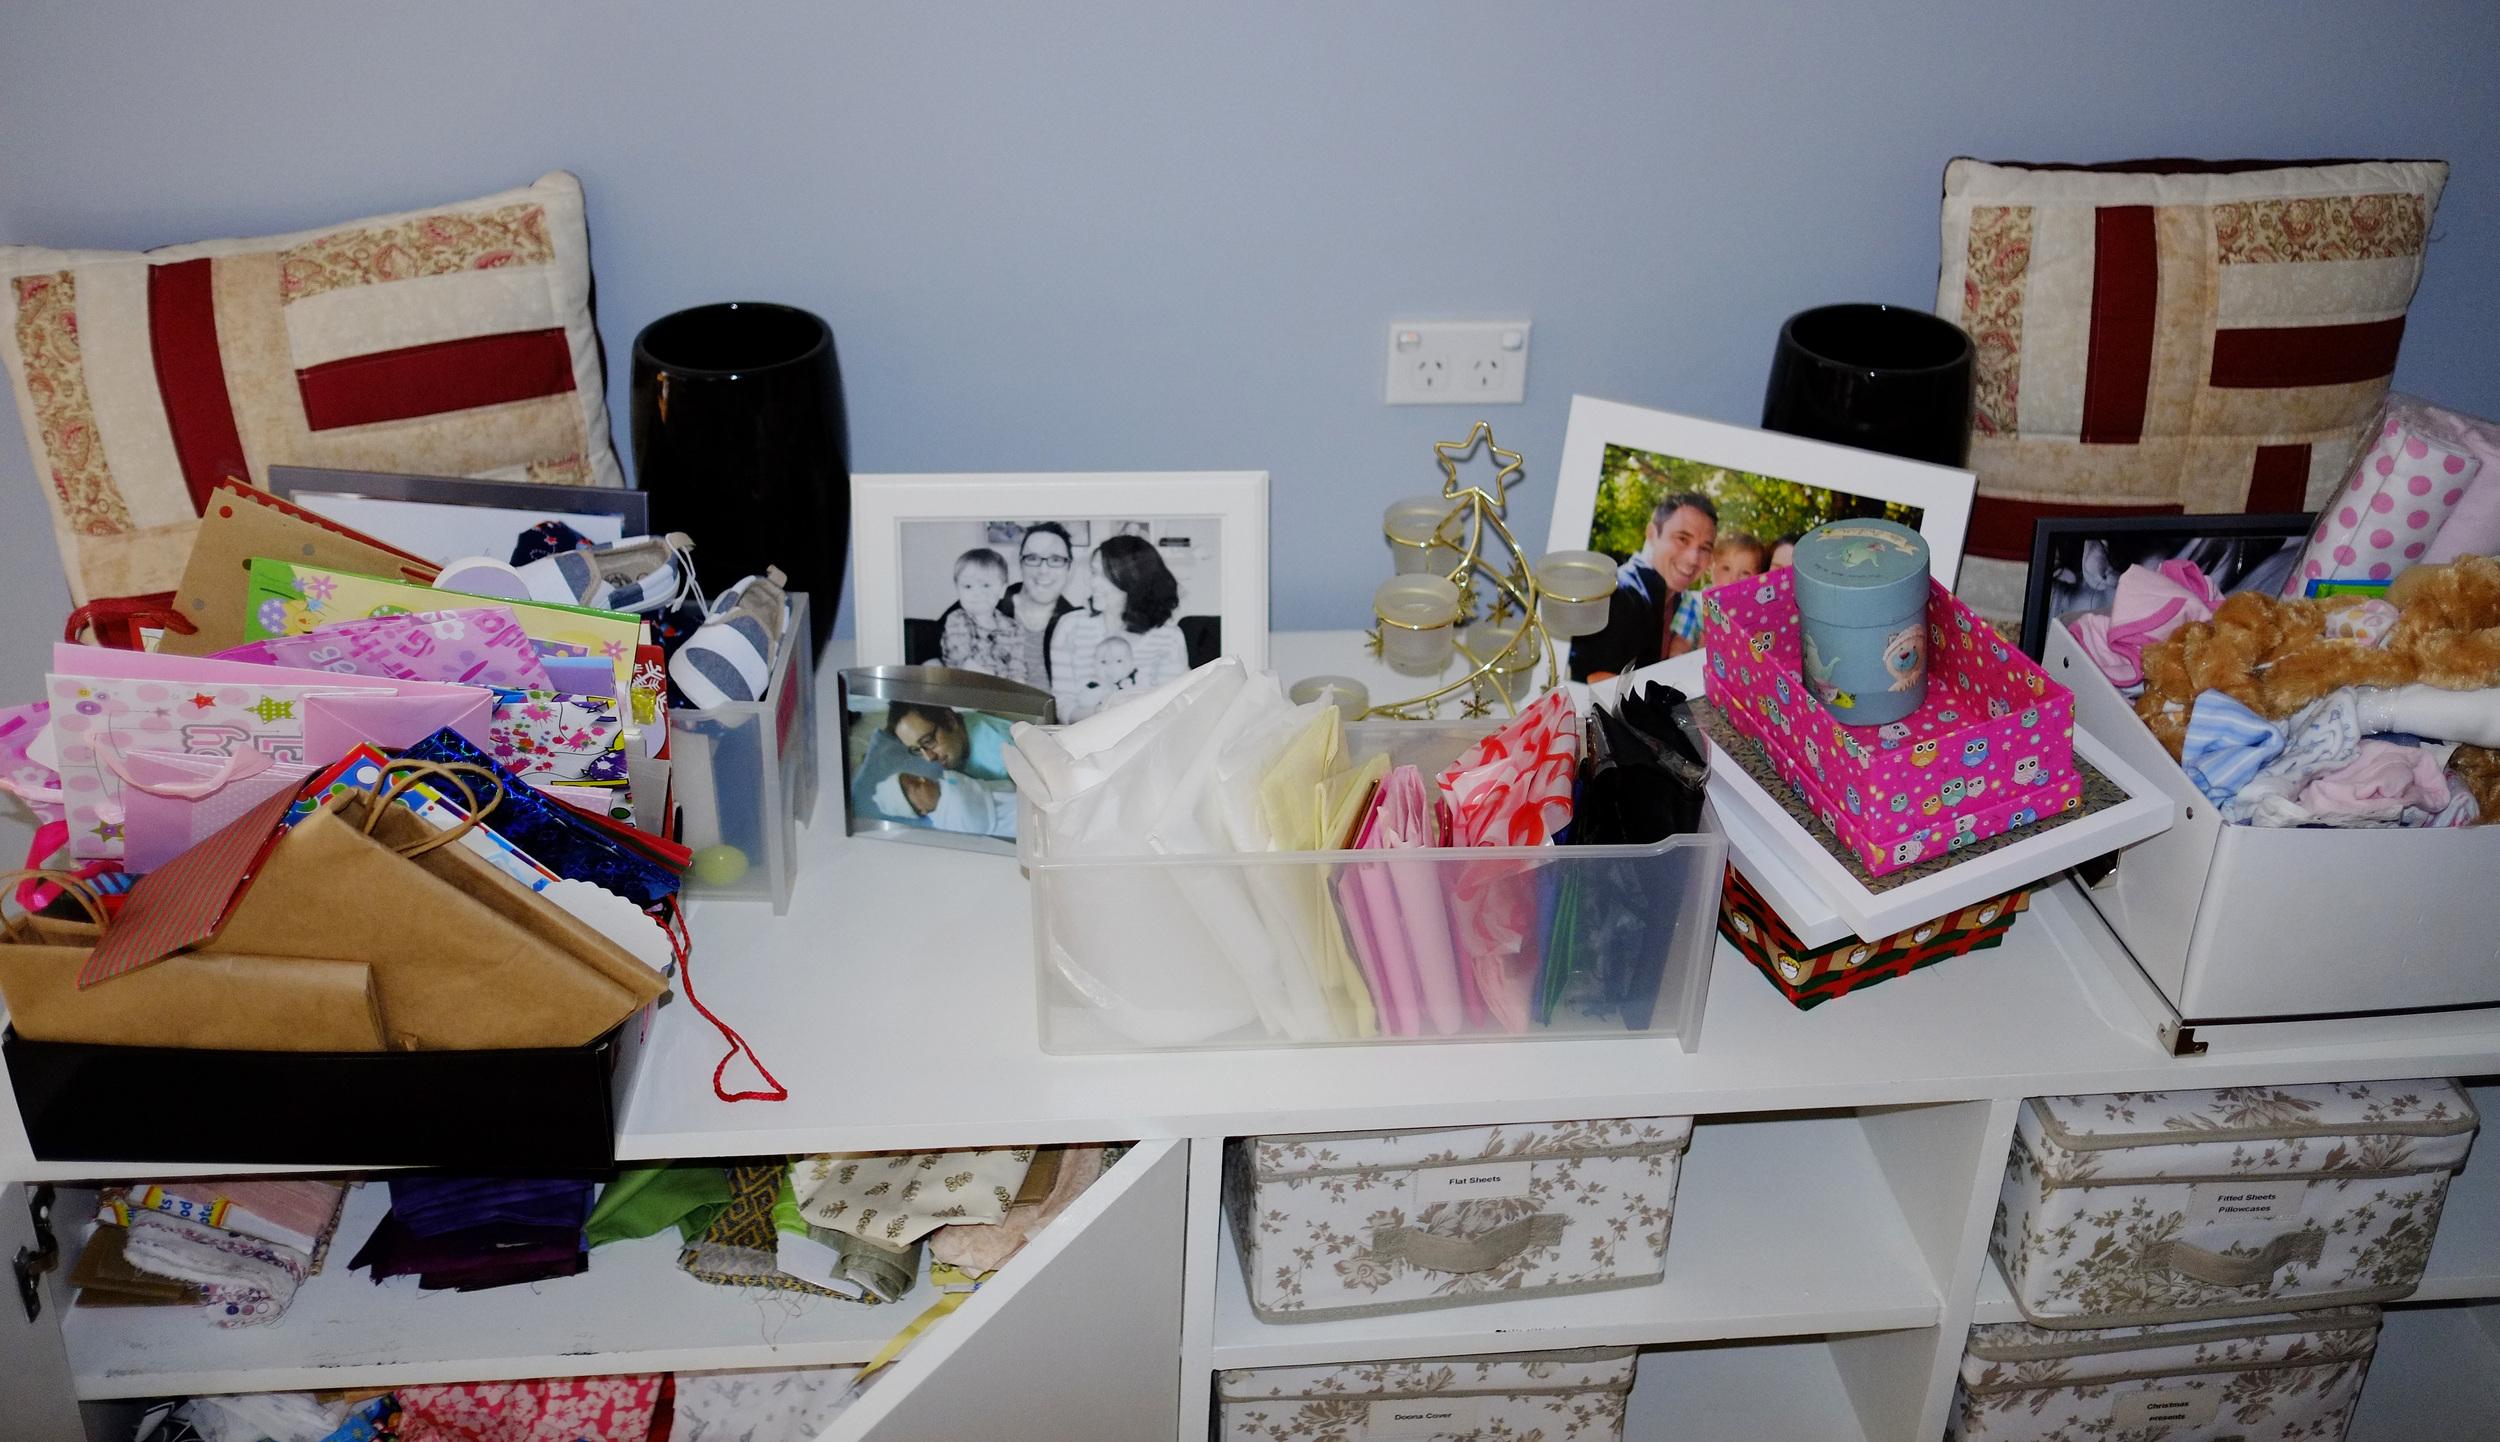 disorganised bedroom